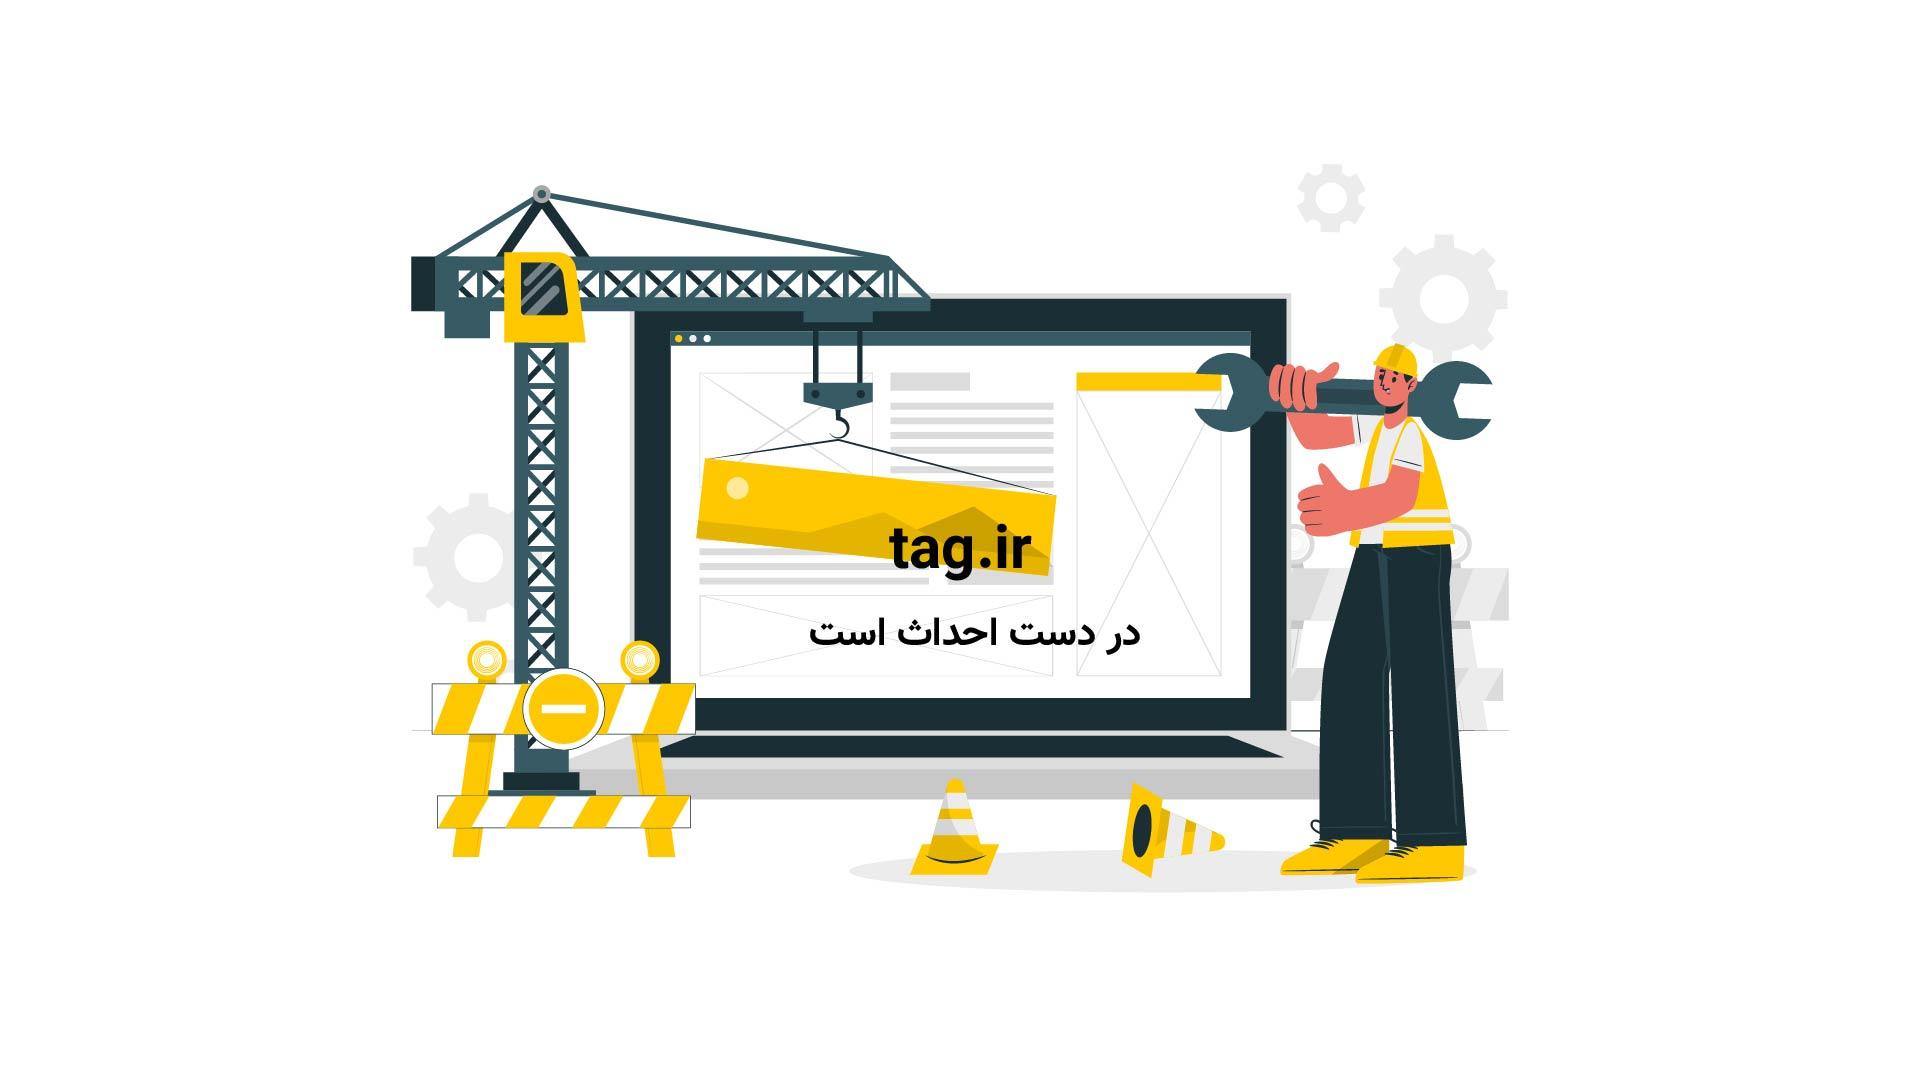 برداشتن کندوی زنبورها بدون هیچ وسیلهای|تگ